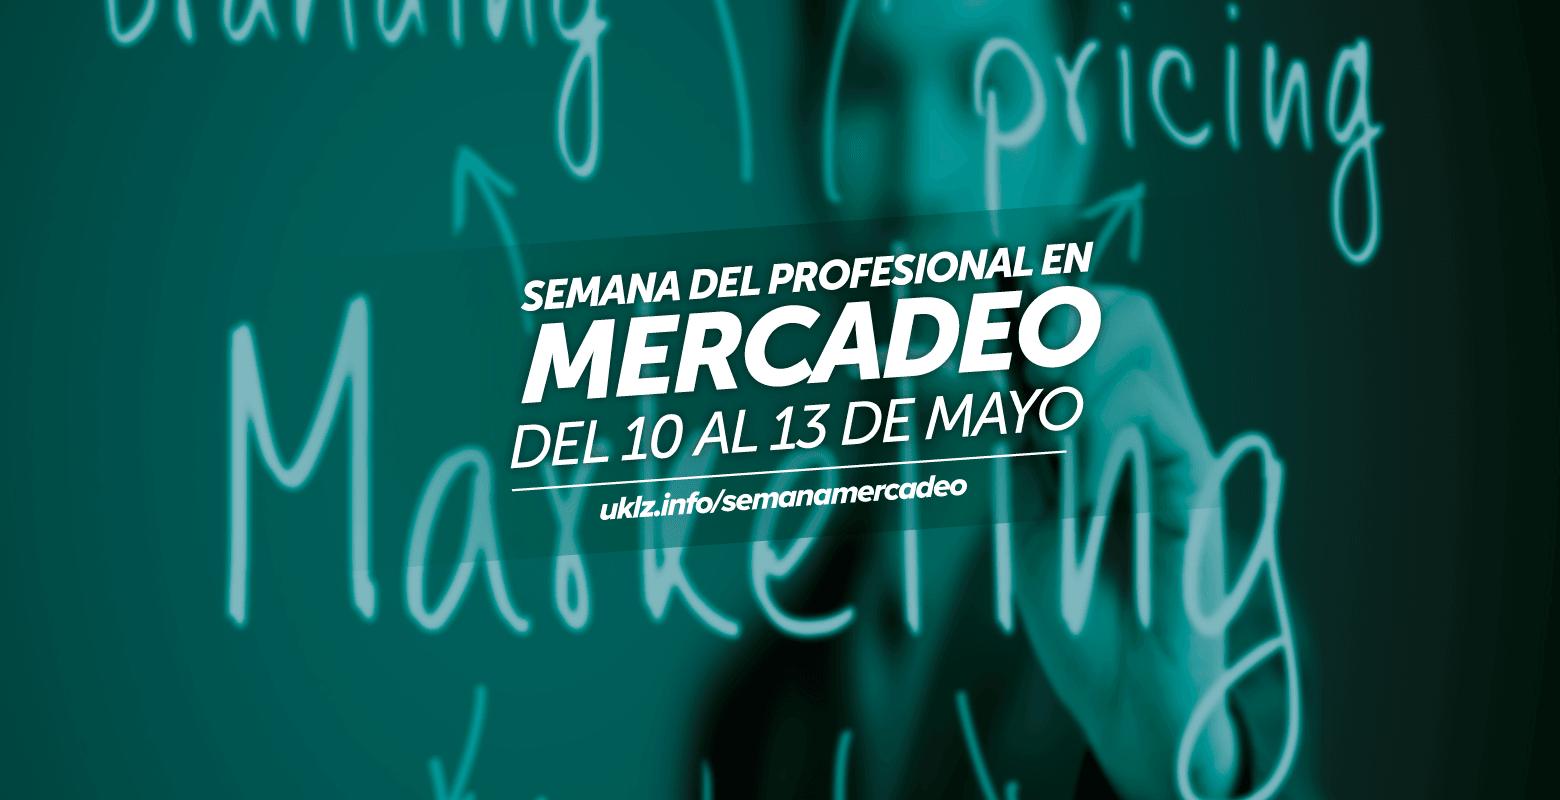 Semana del Profesional en Mercadeo 2016